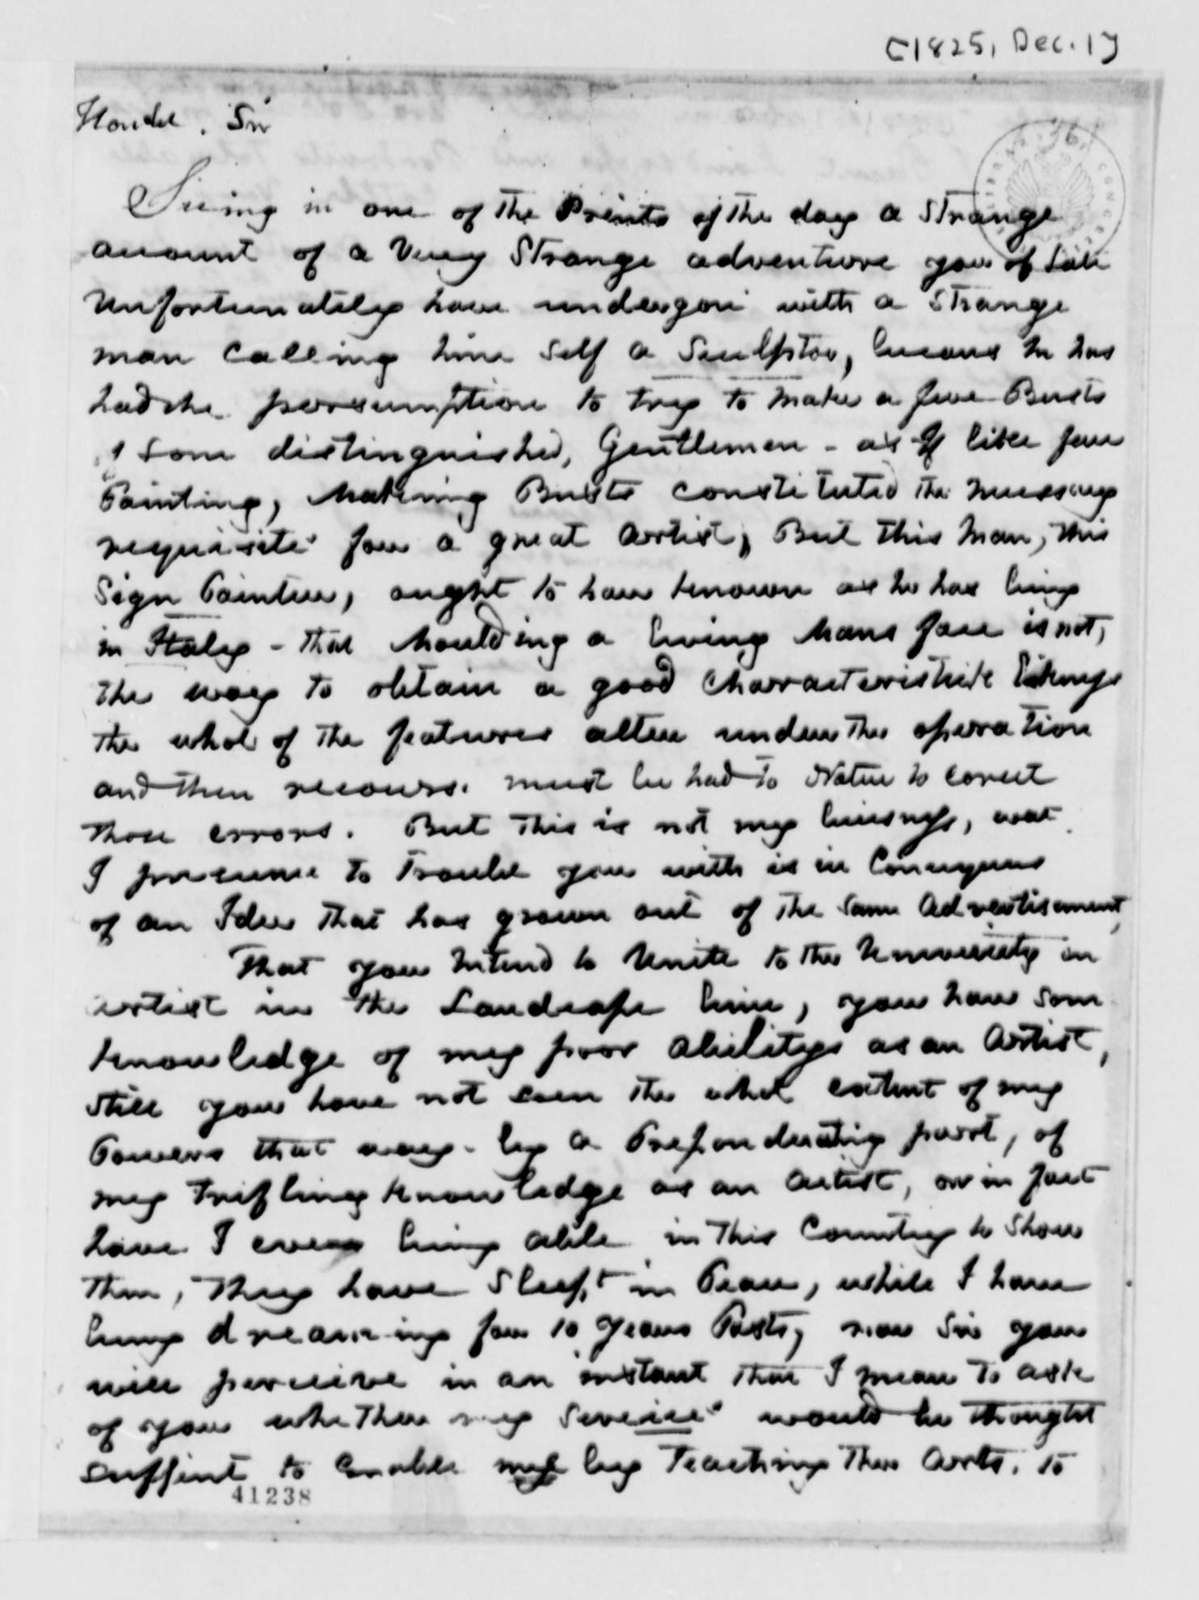 William J. Coffee to Thomas Jefferson, December 1, 1825